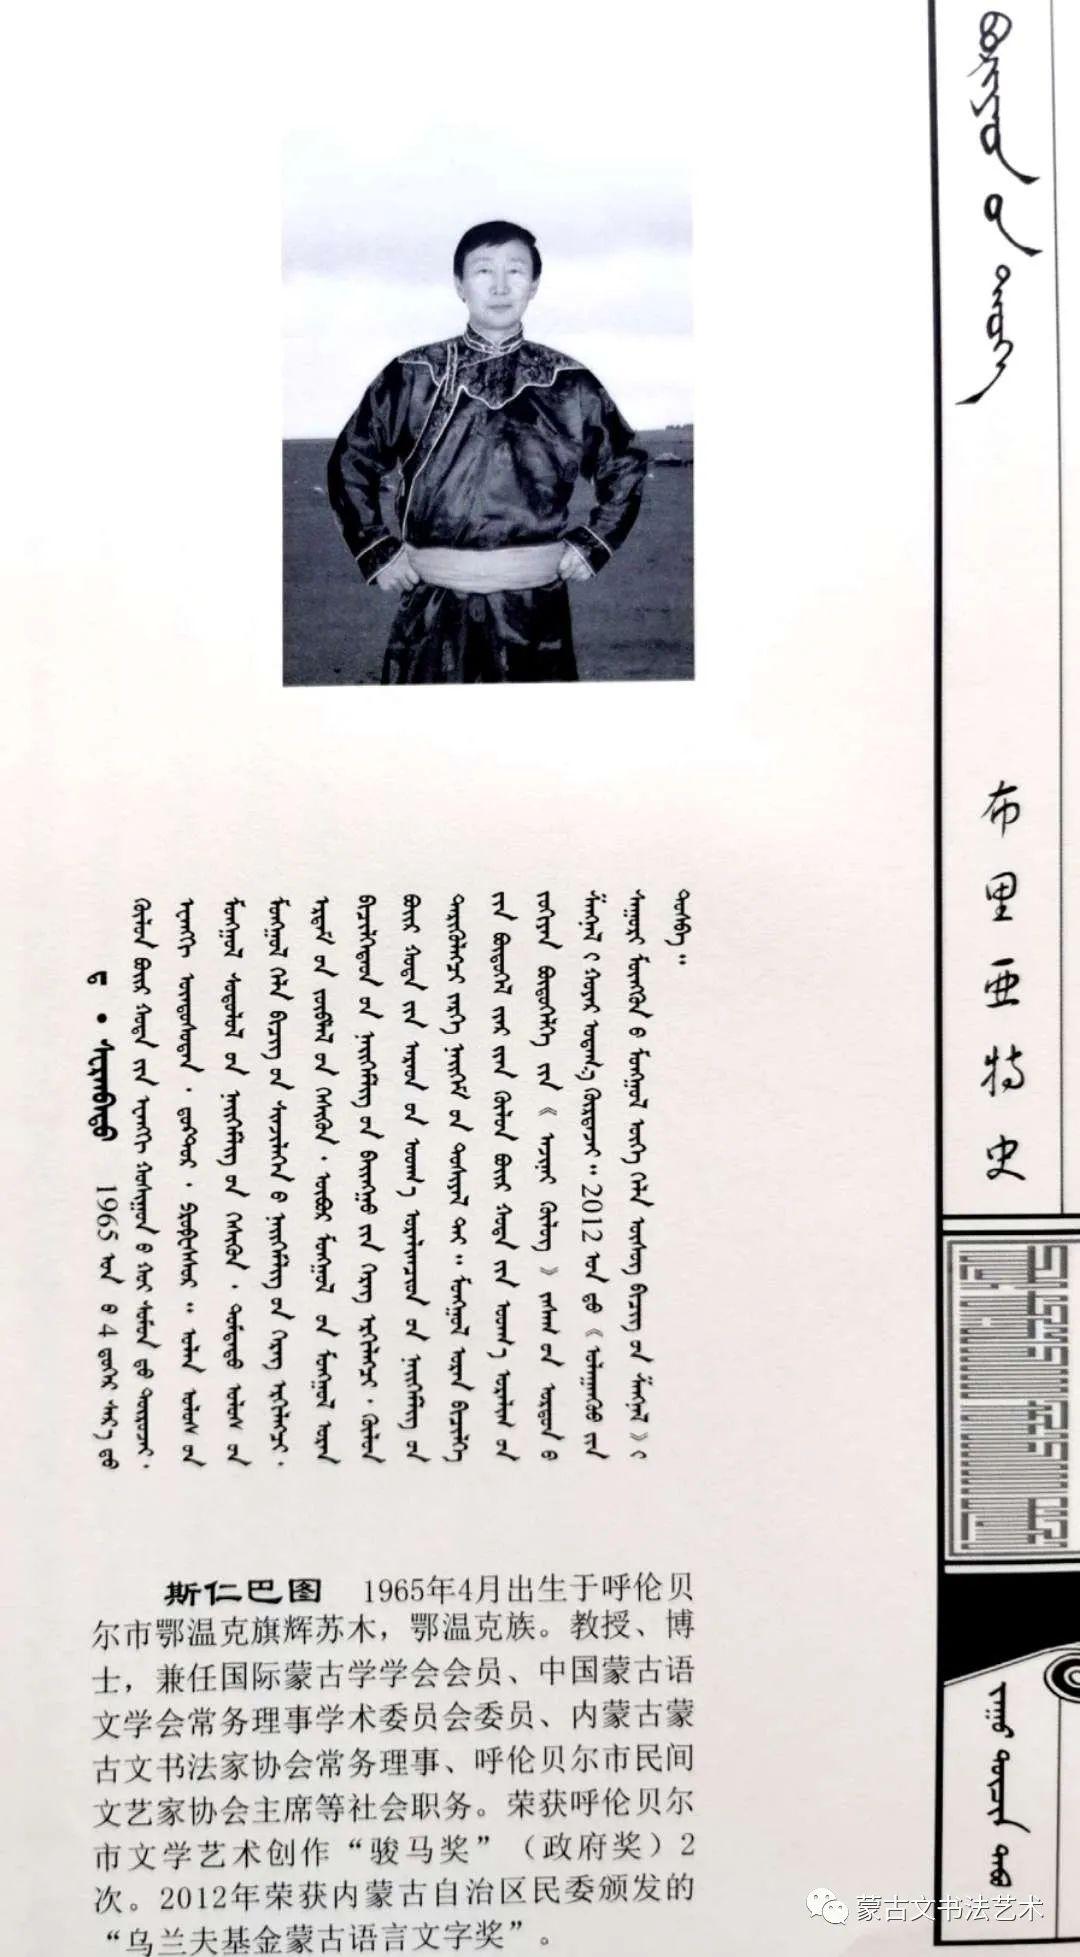 蒙古文经典文献当代书法名家手抄本之斯仁巴图《布里亚特史》 第12张